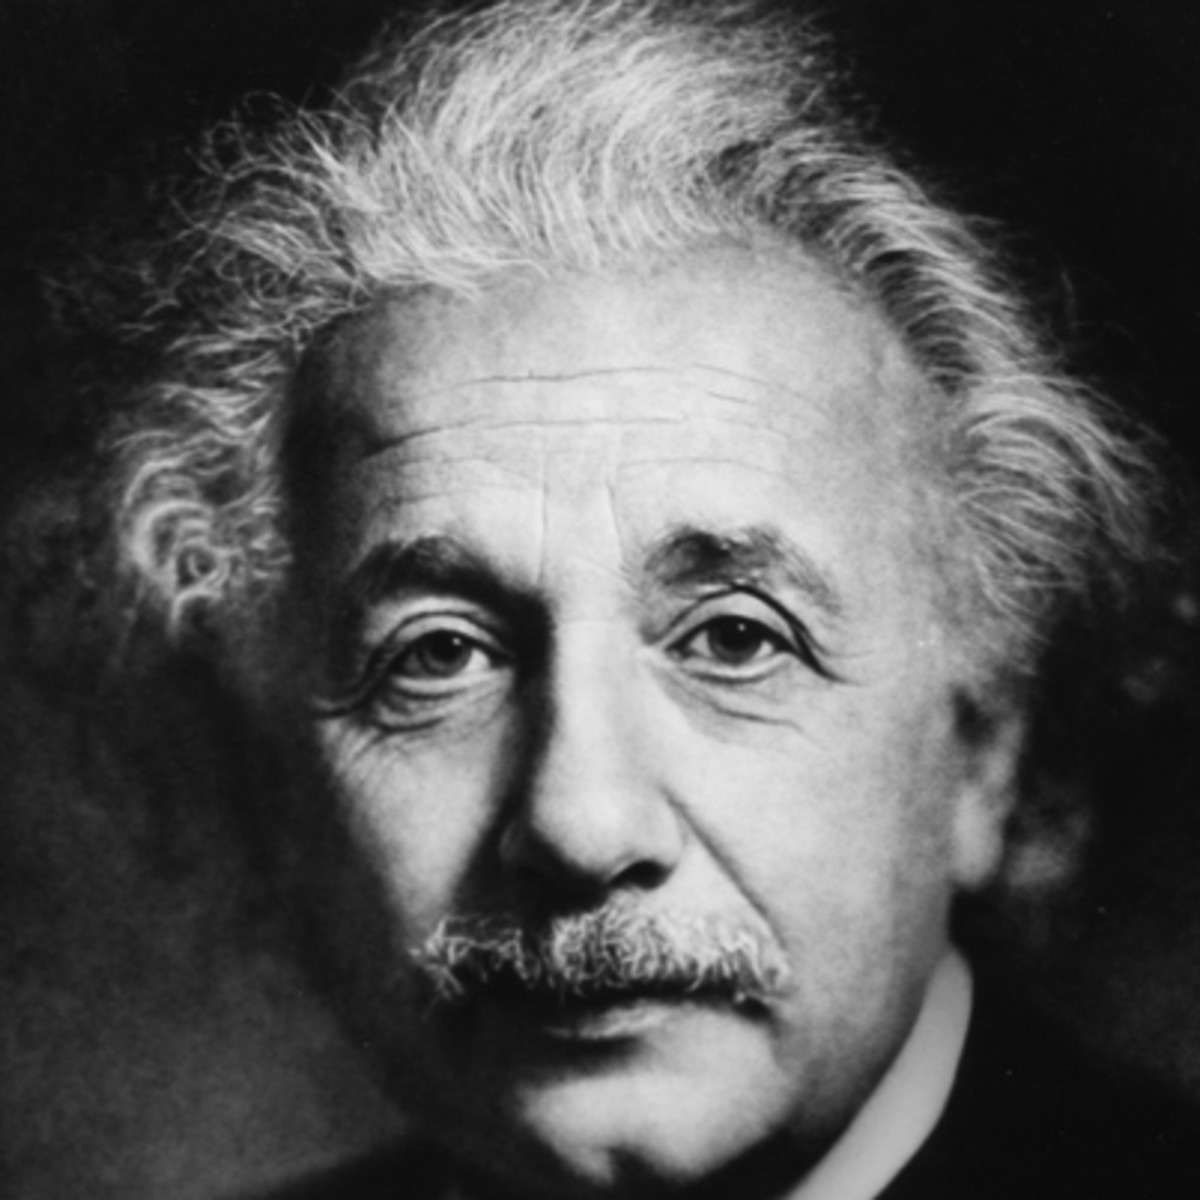 печатей эйнштейн биография с картинками итоге разместились рядом